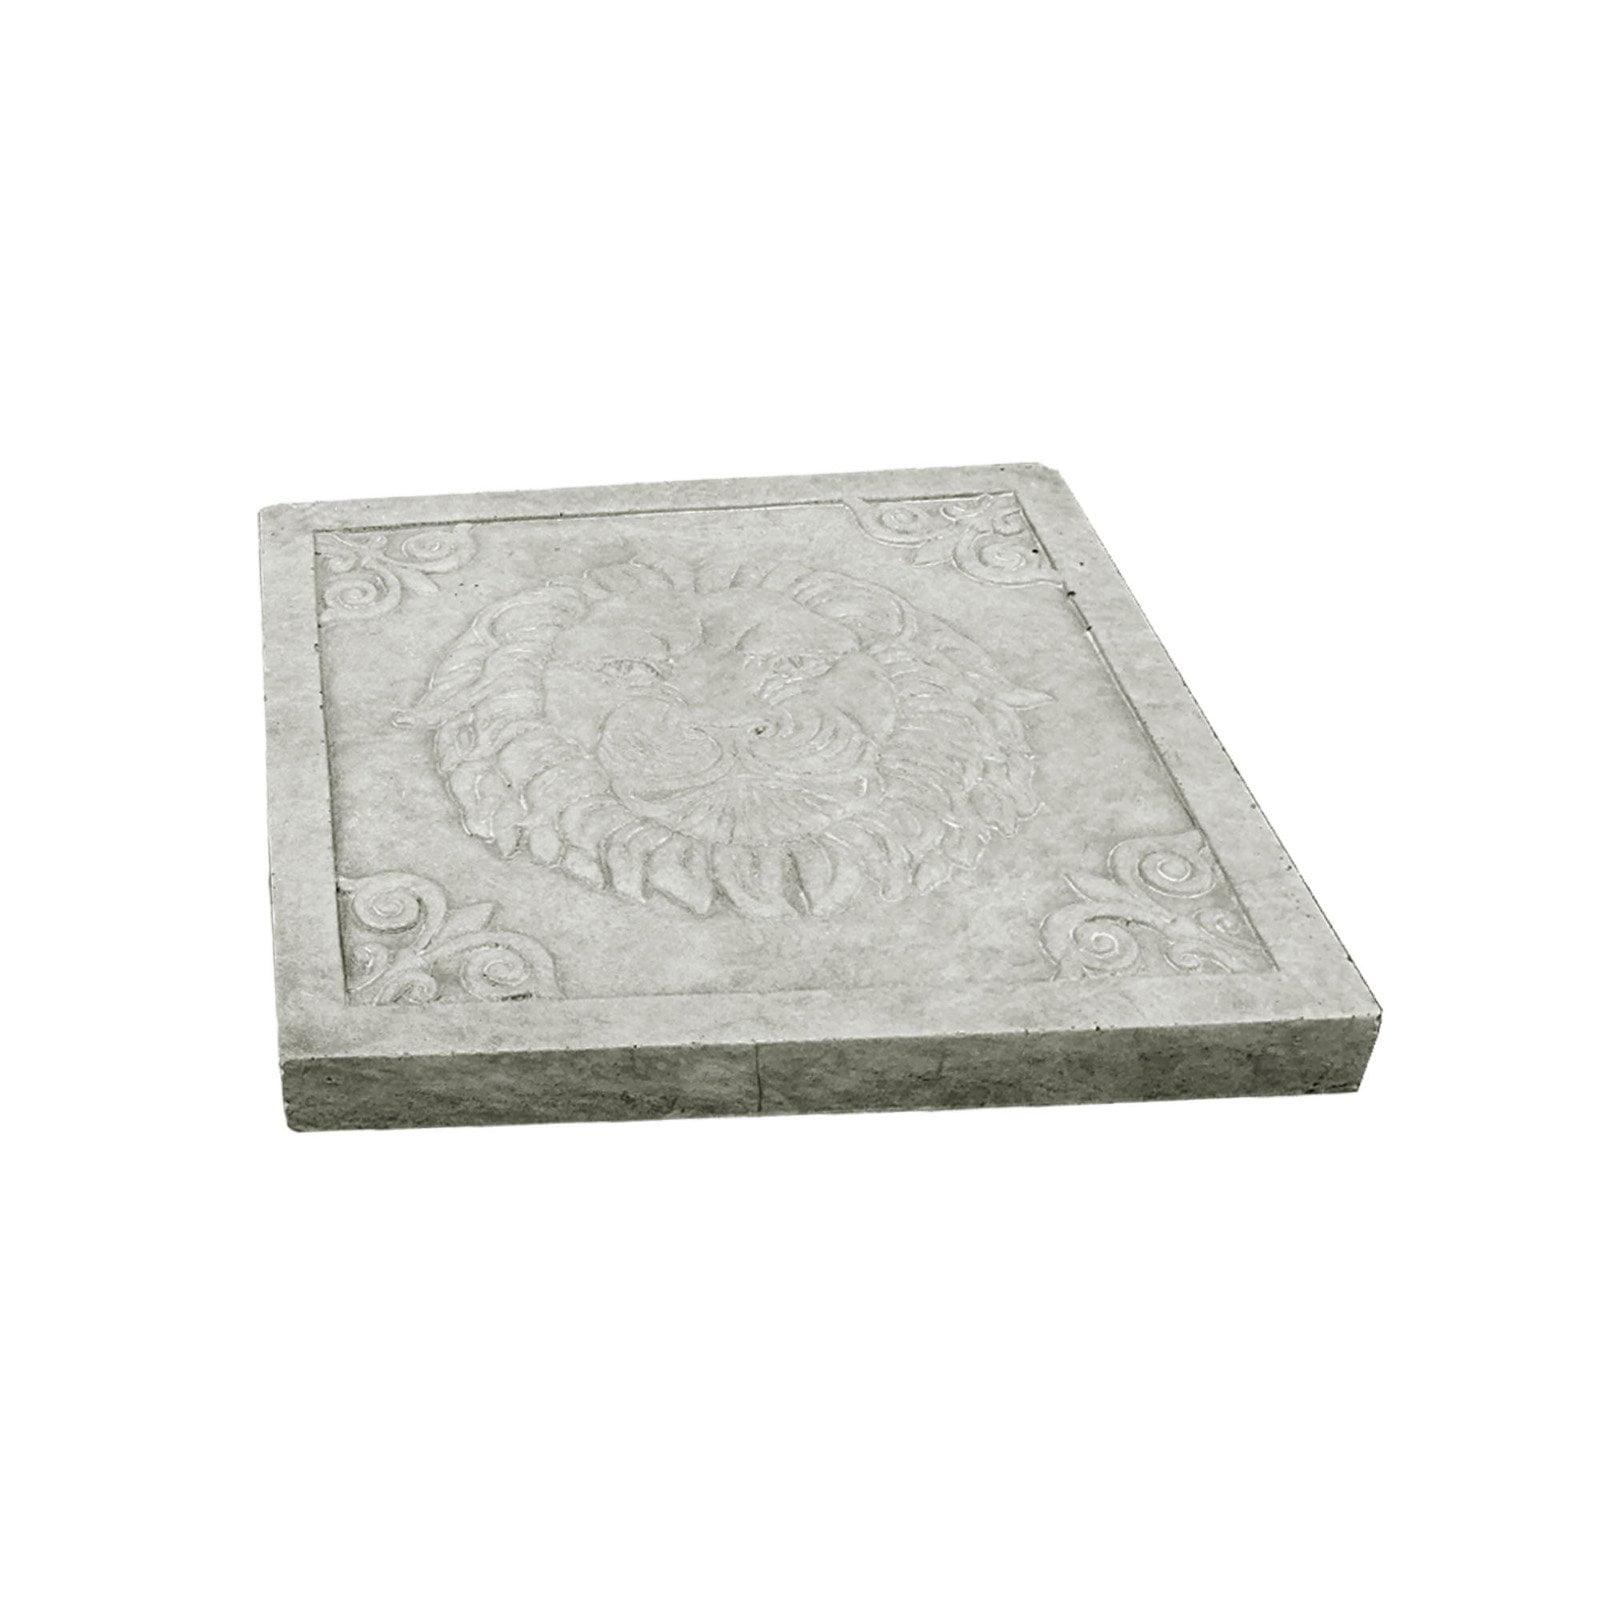 DurX-litecrete Lightweight Concrete Lion Square Stepping Stone by Xierun Garden USA Inc